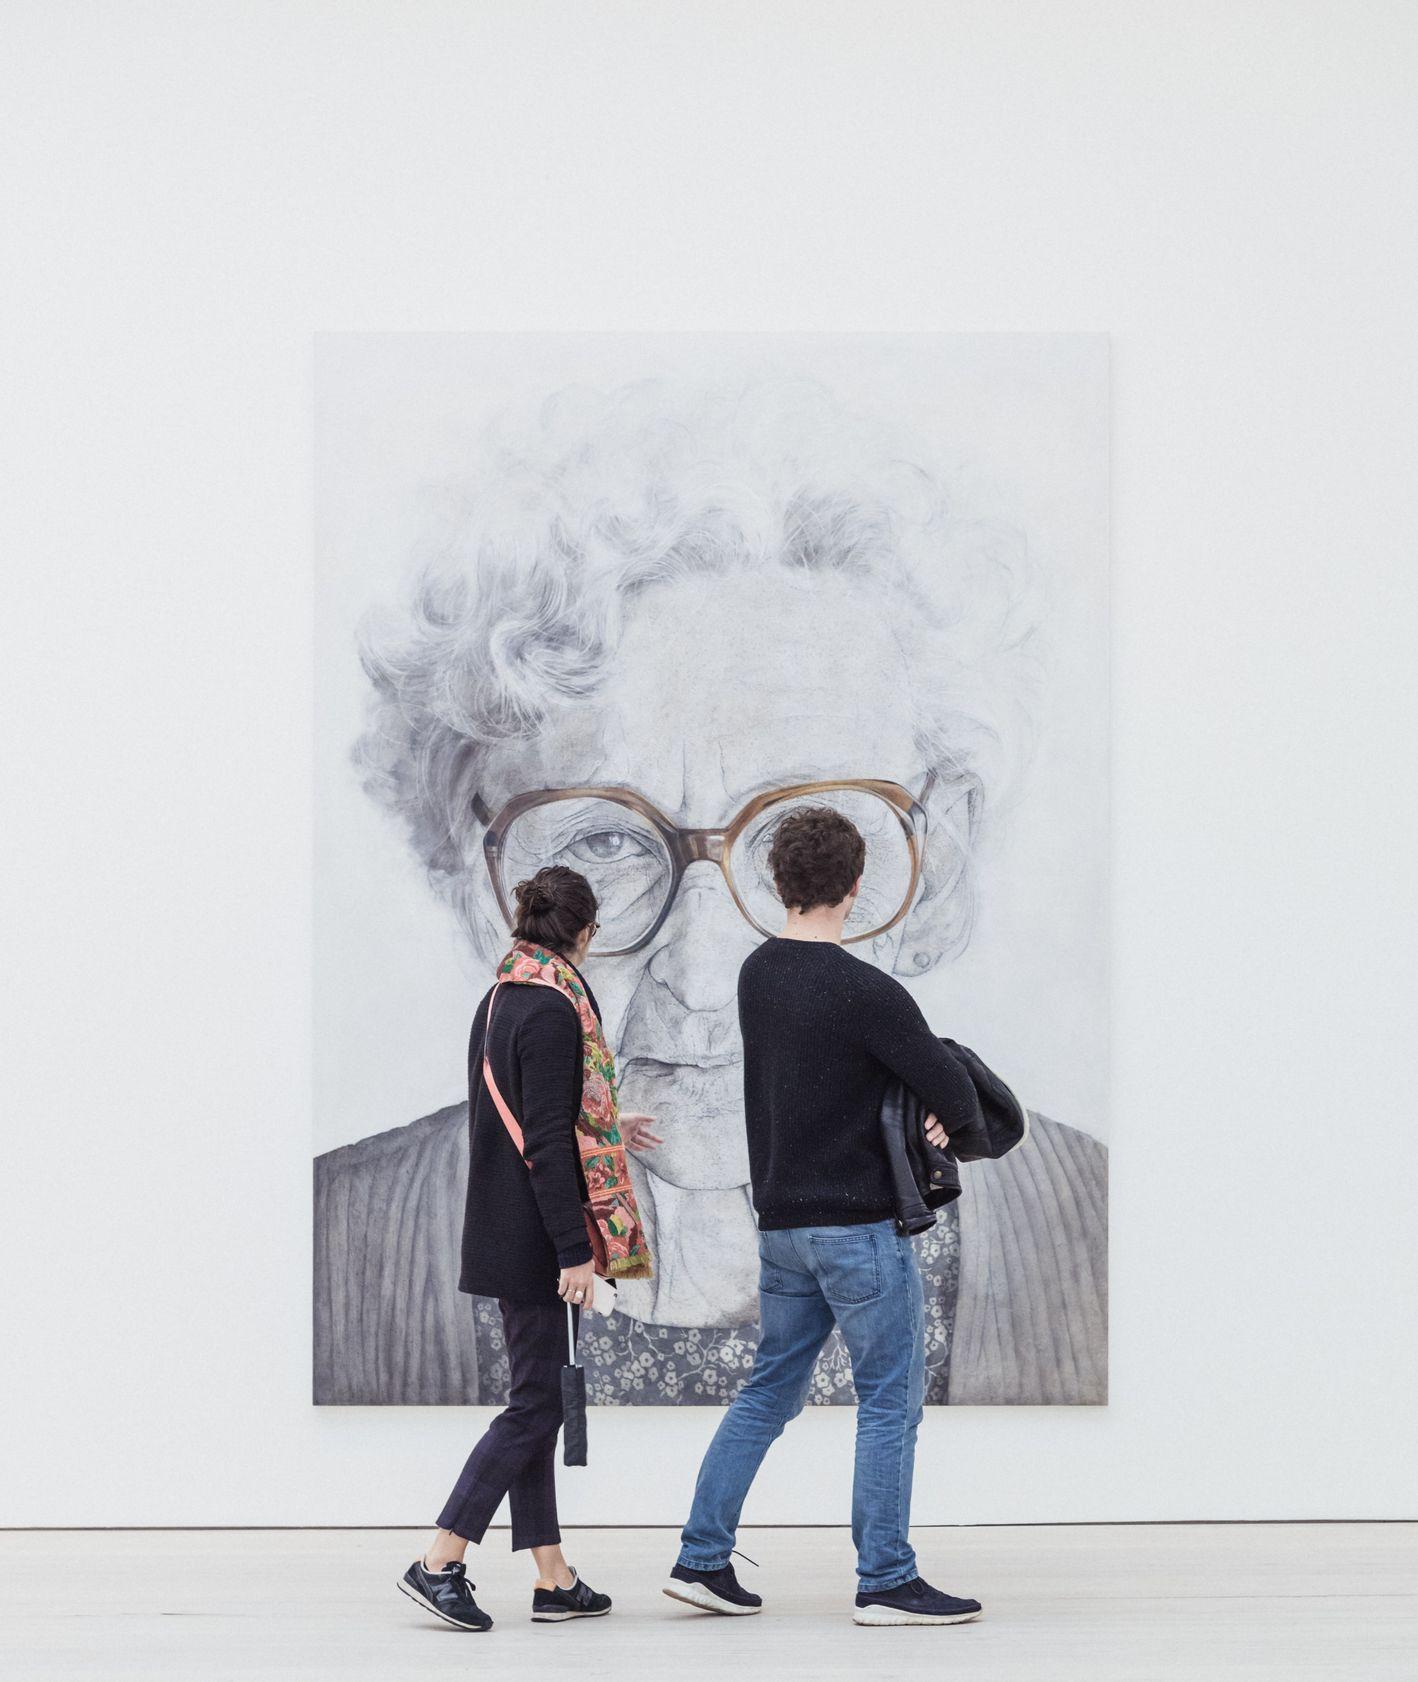 Zwiedzanie światowych muzeów i galerii sztuki online (fot. Ryan Stefan / unsplash.com)